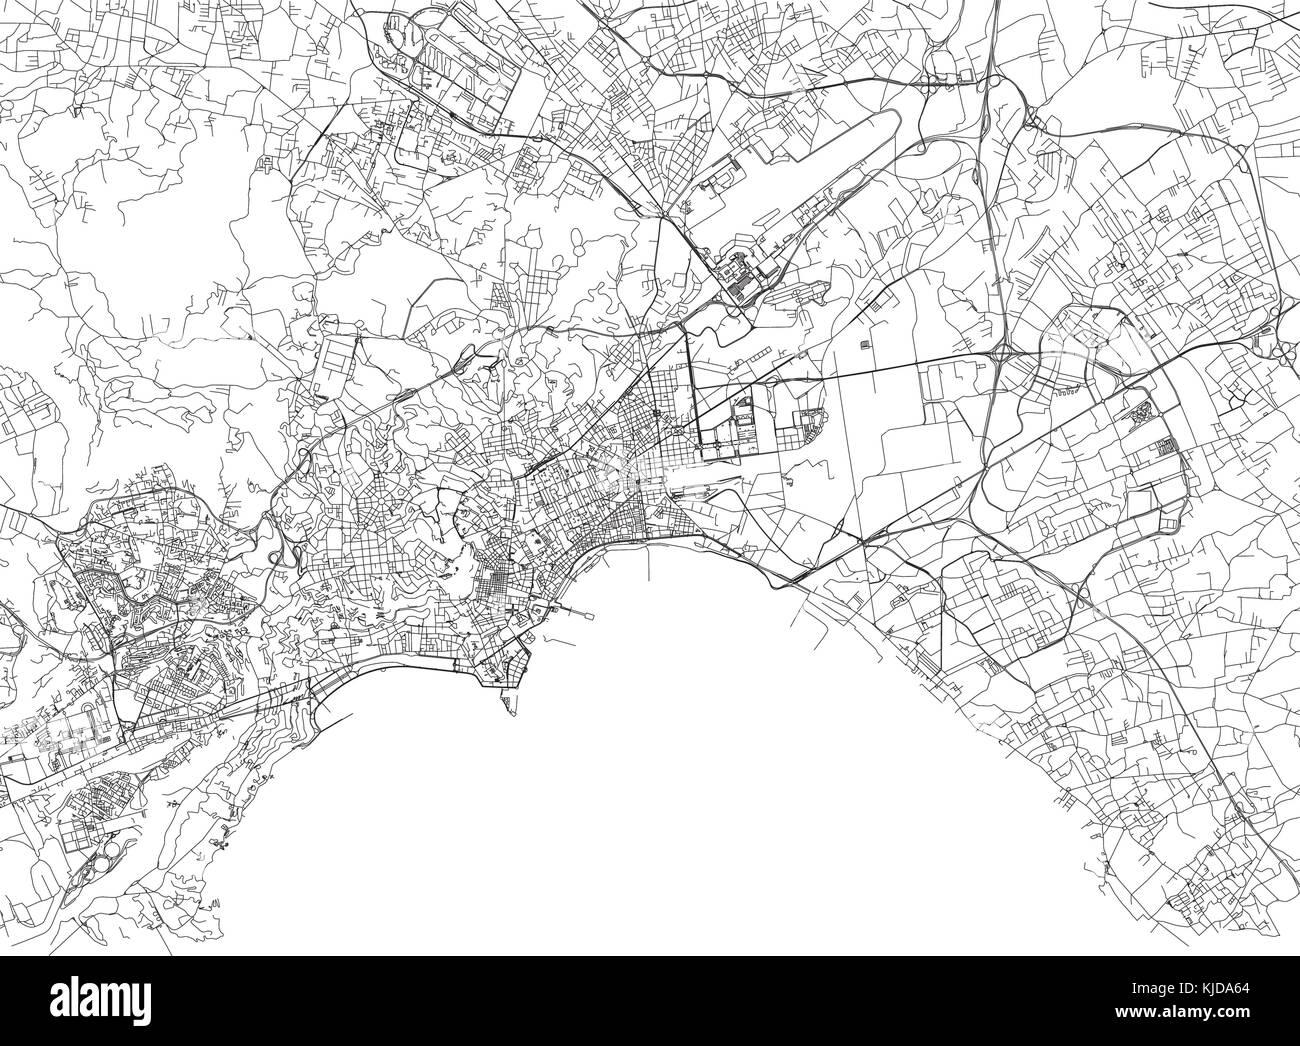 Cartina Stradale Di Napoli.Strade Di Napoli Mappa Della Citta In Campania Mappa Stradale Immagine E Vettoriale Alamy